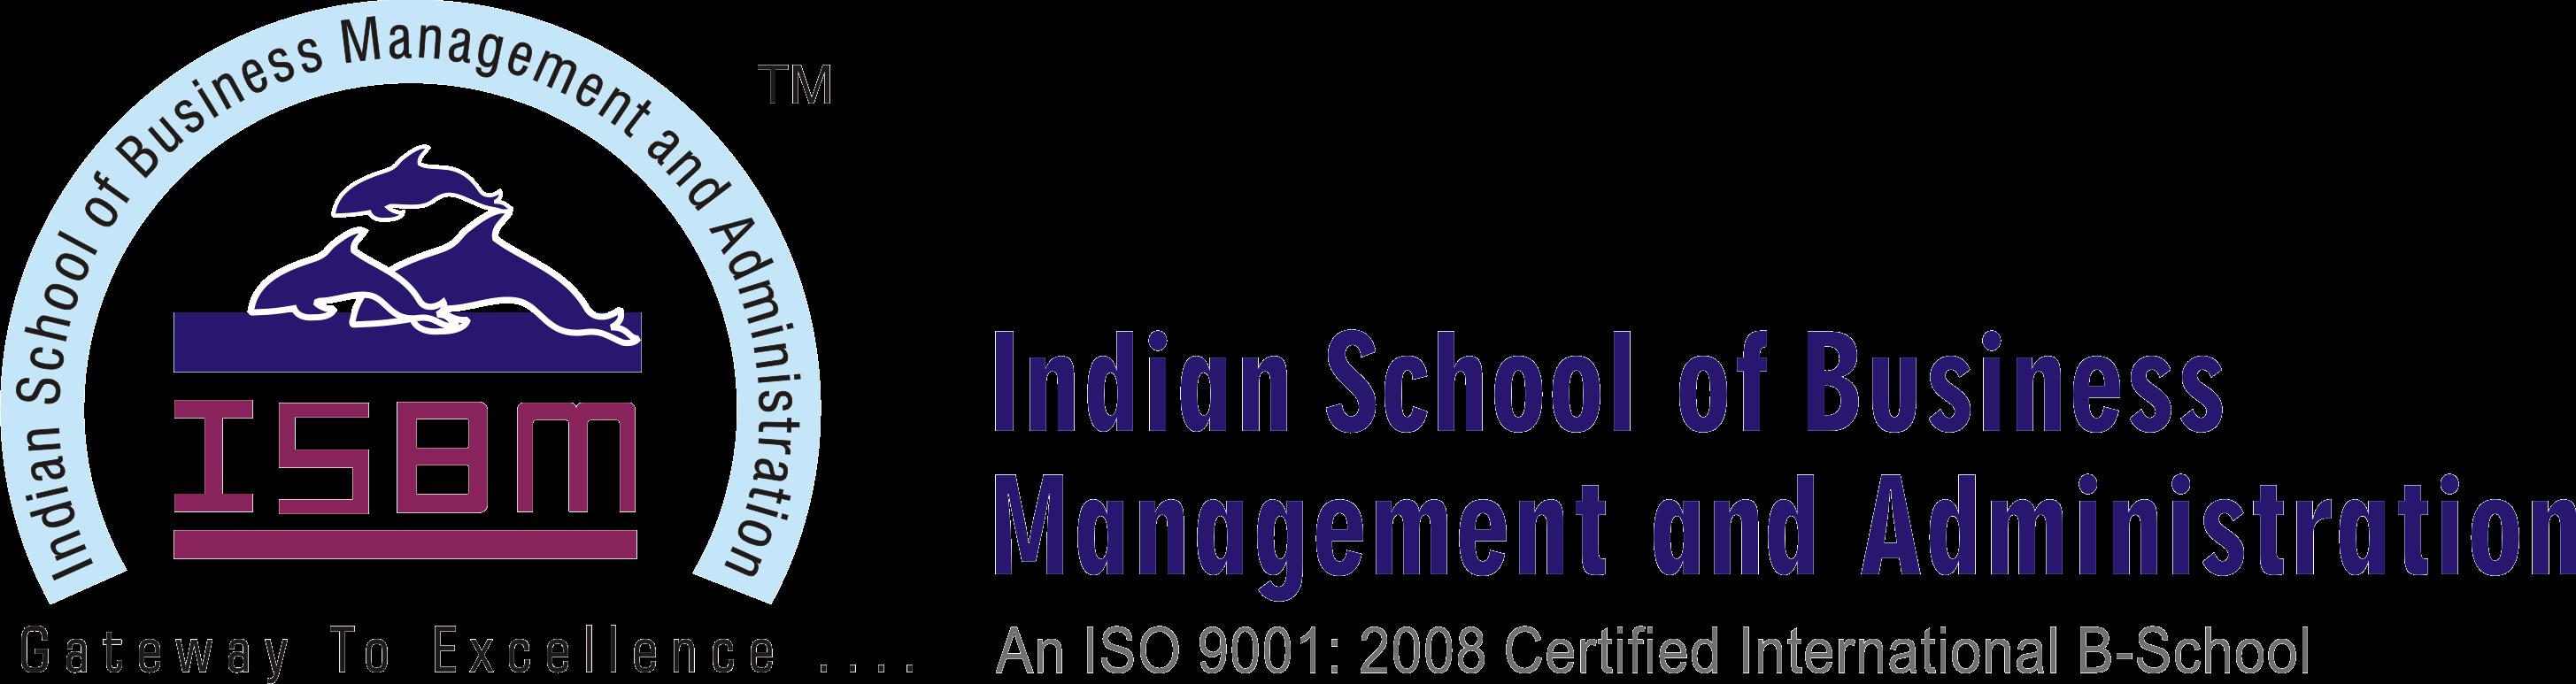 iso certified schools in india